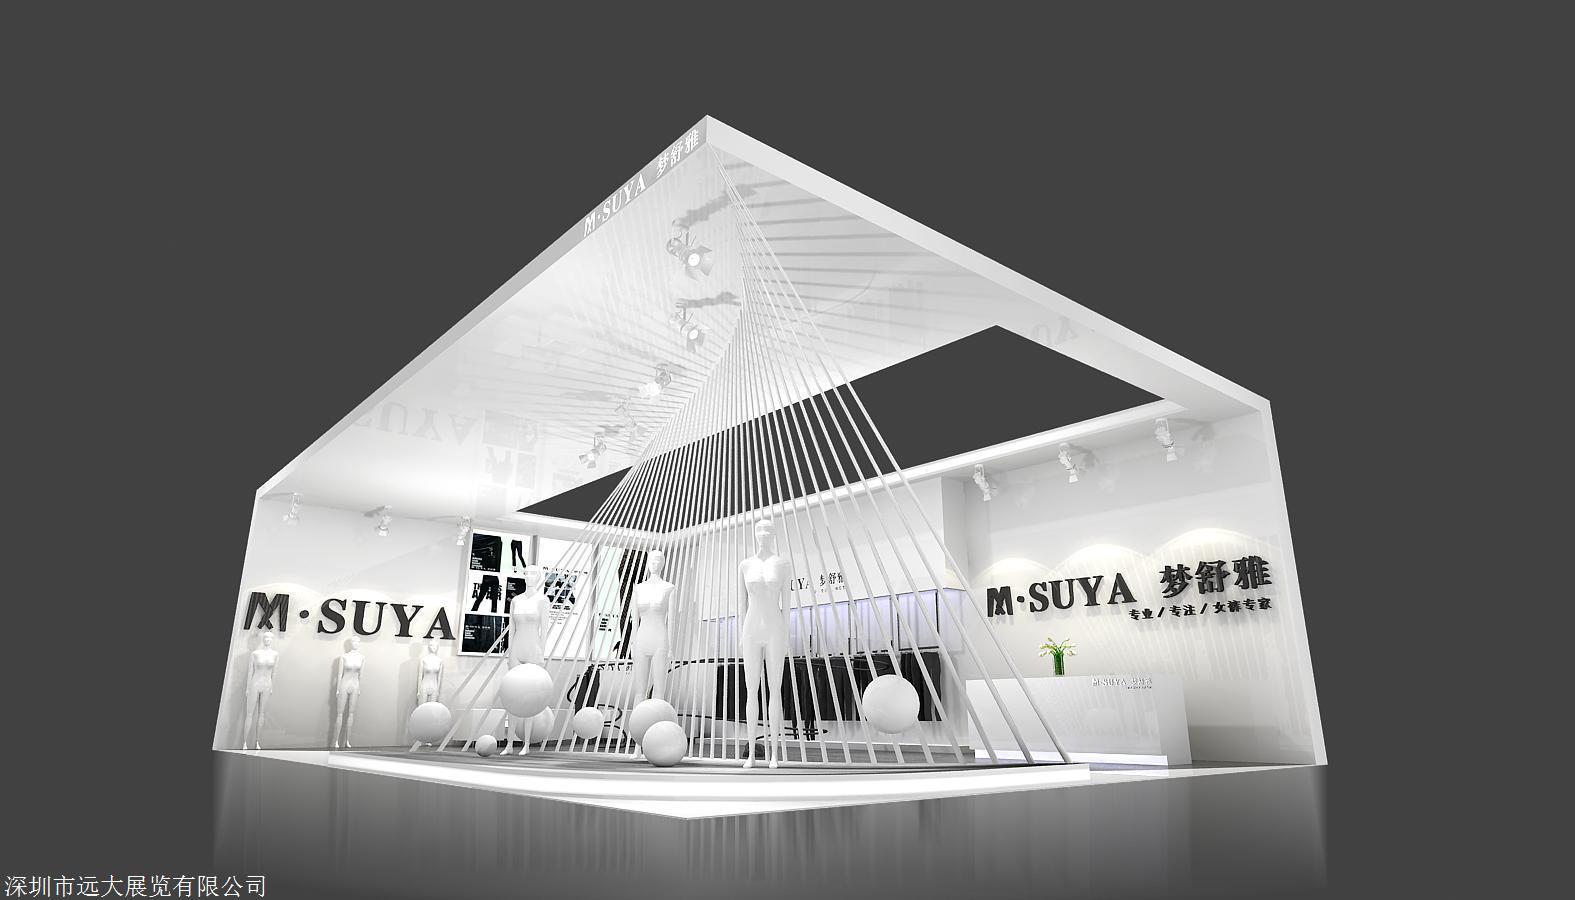 深圳展会设计 深圳展台搭建公司 远大展览